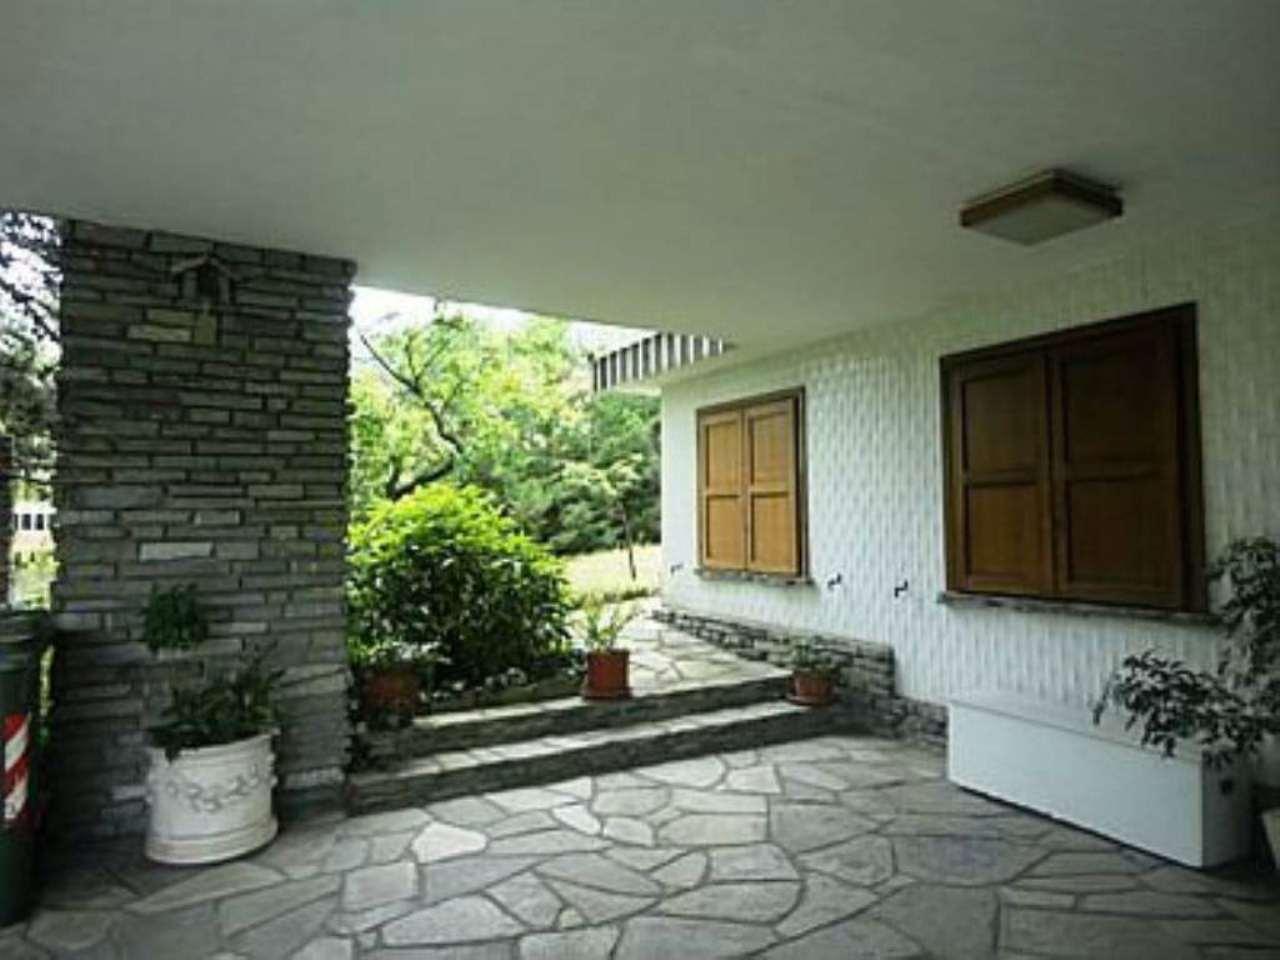 Villa in vendita a Moncalieri, 11 locali, prezzo € 420.000 | Cambio Casa.it